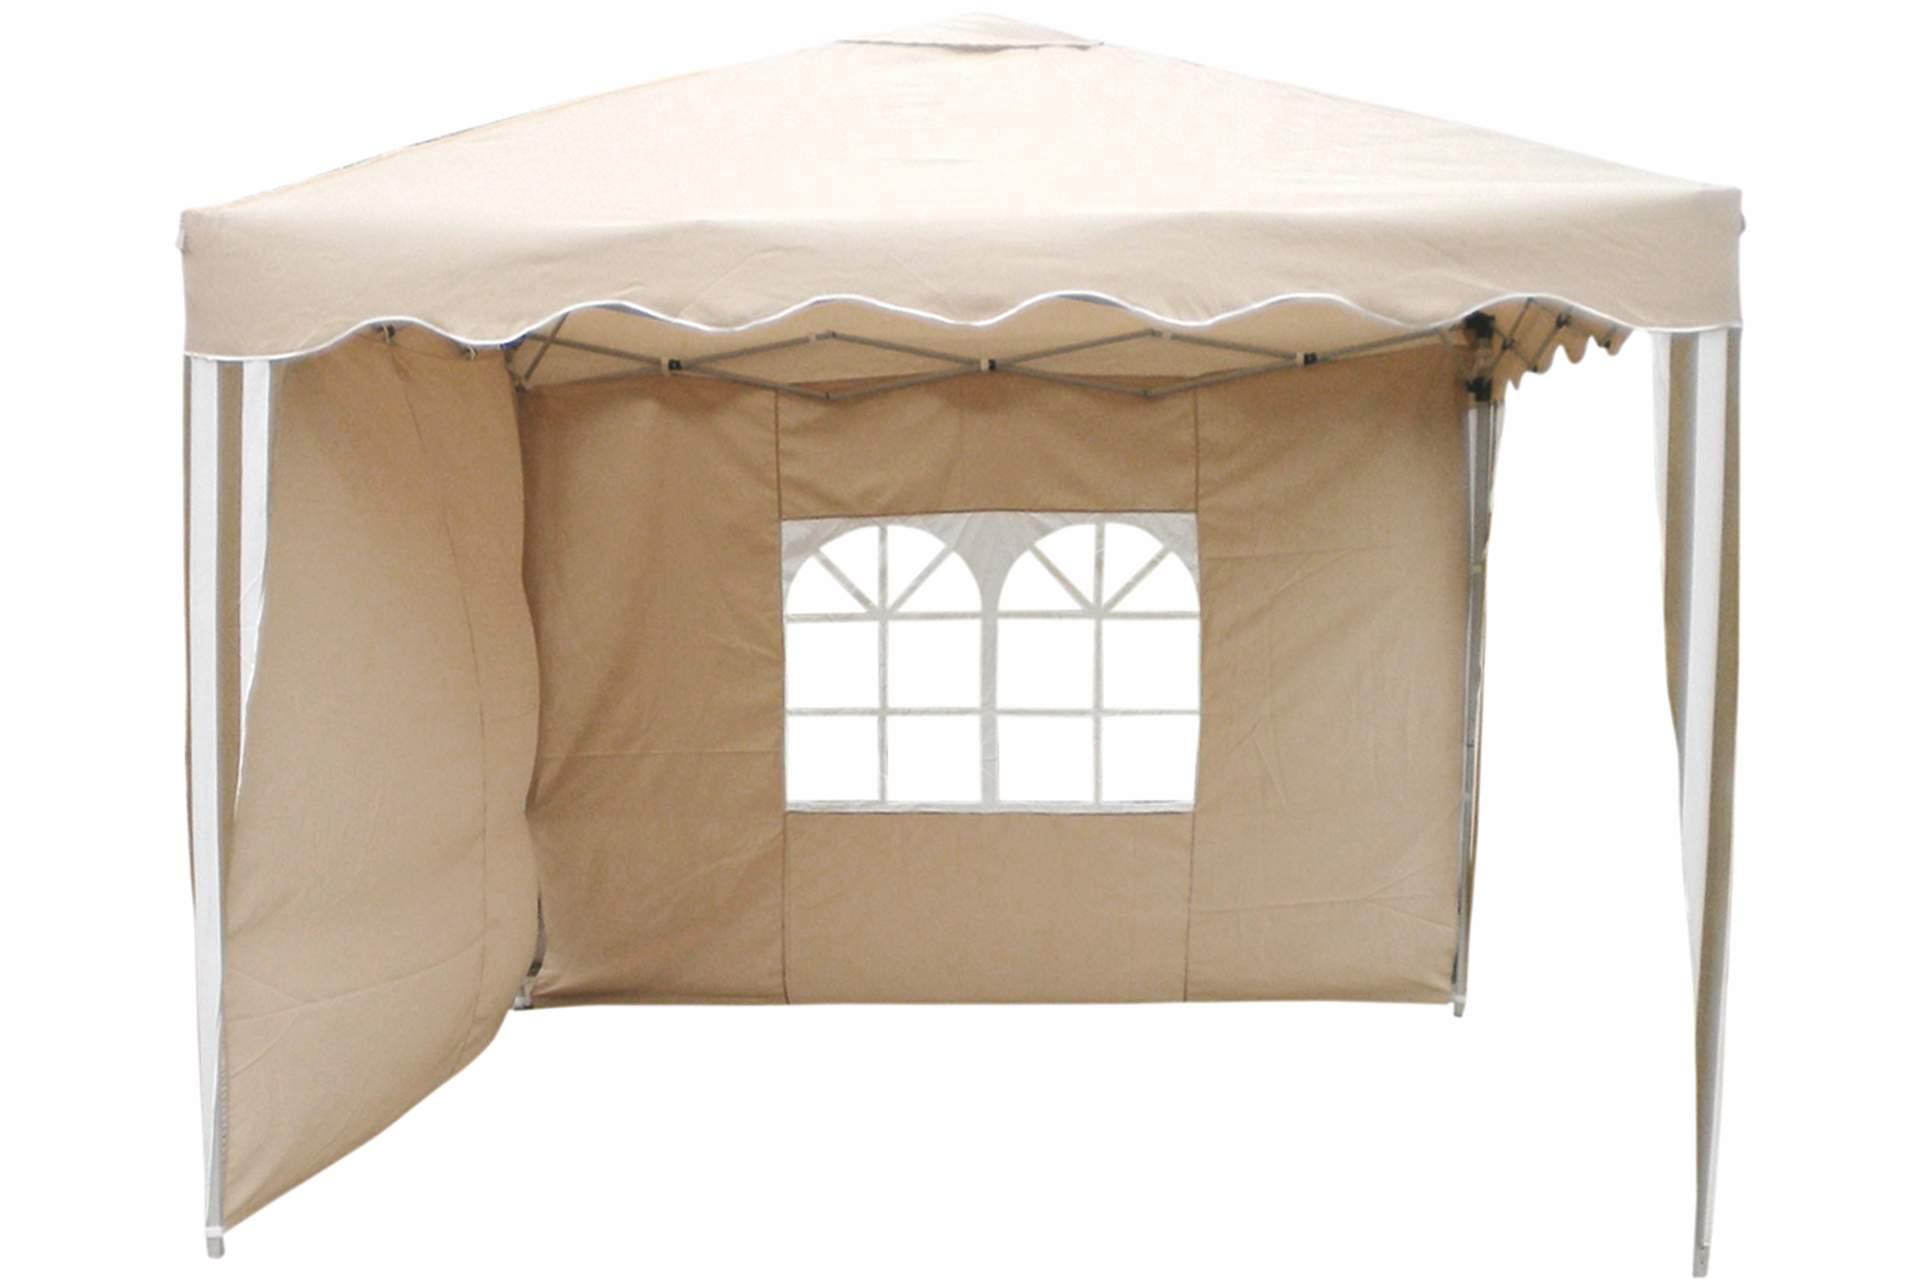 schirme und pavillons haus und garten posten b rse onlineshop. Black Bedroom Furniture Sets. Home Design Ideas